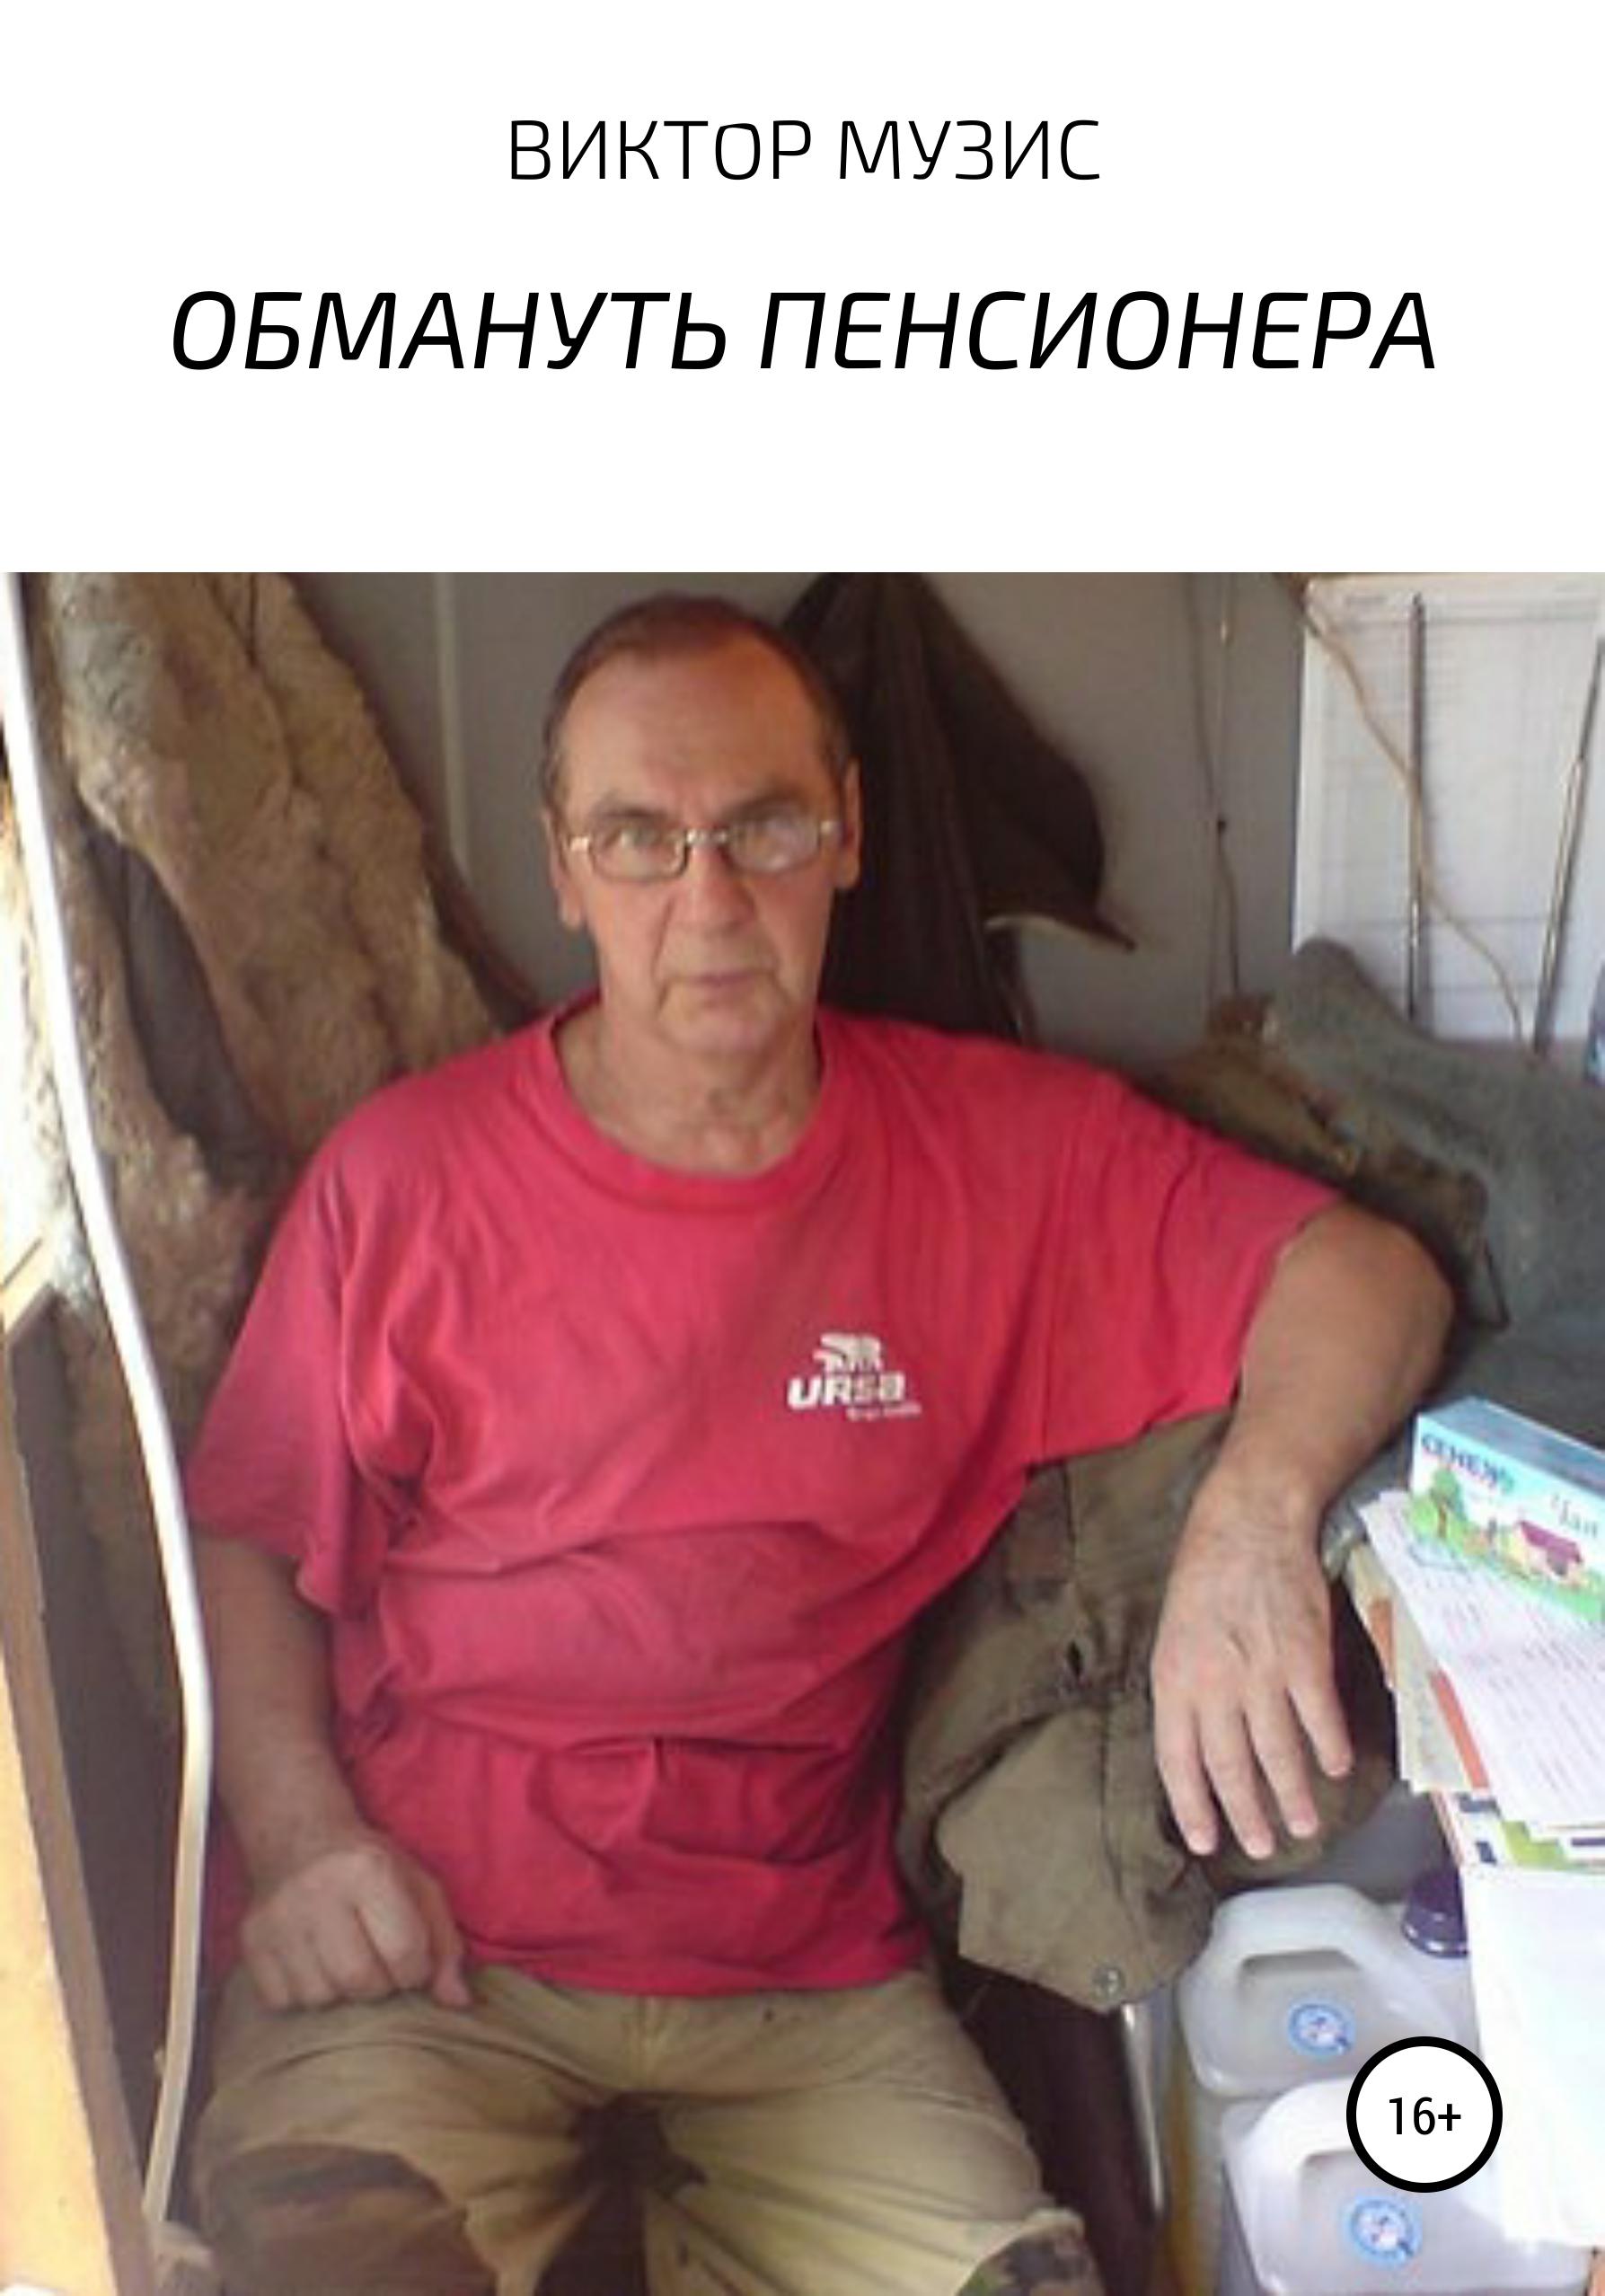 Виктор Музис ОБМАНУТЬ ПЕНСИОНЕРА